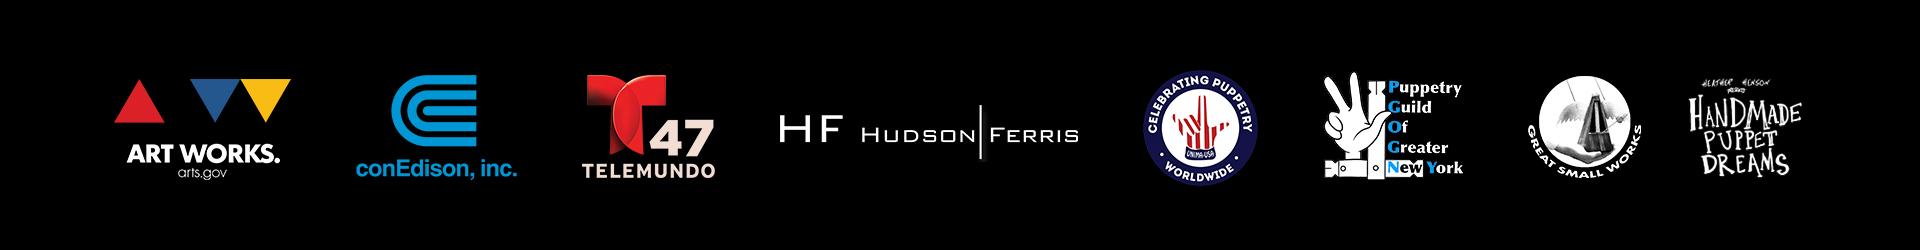 PFF-logos-3